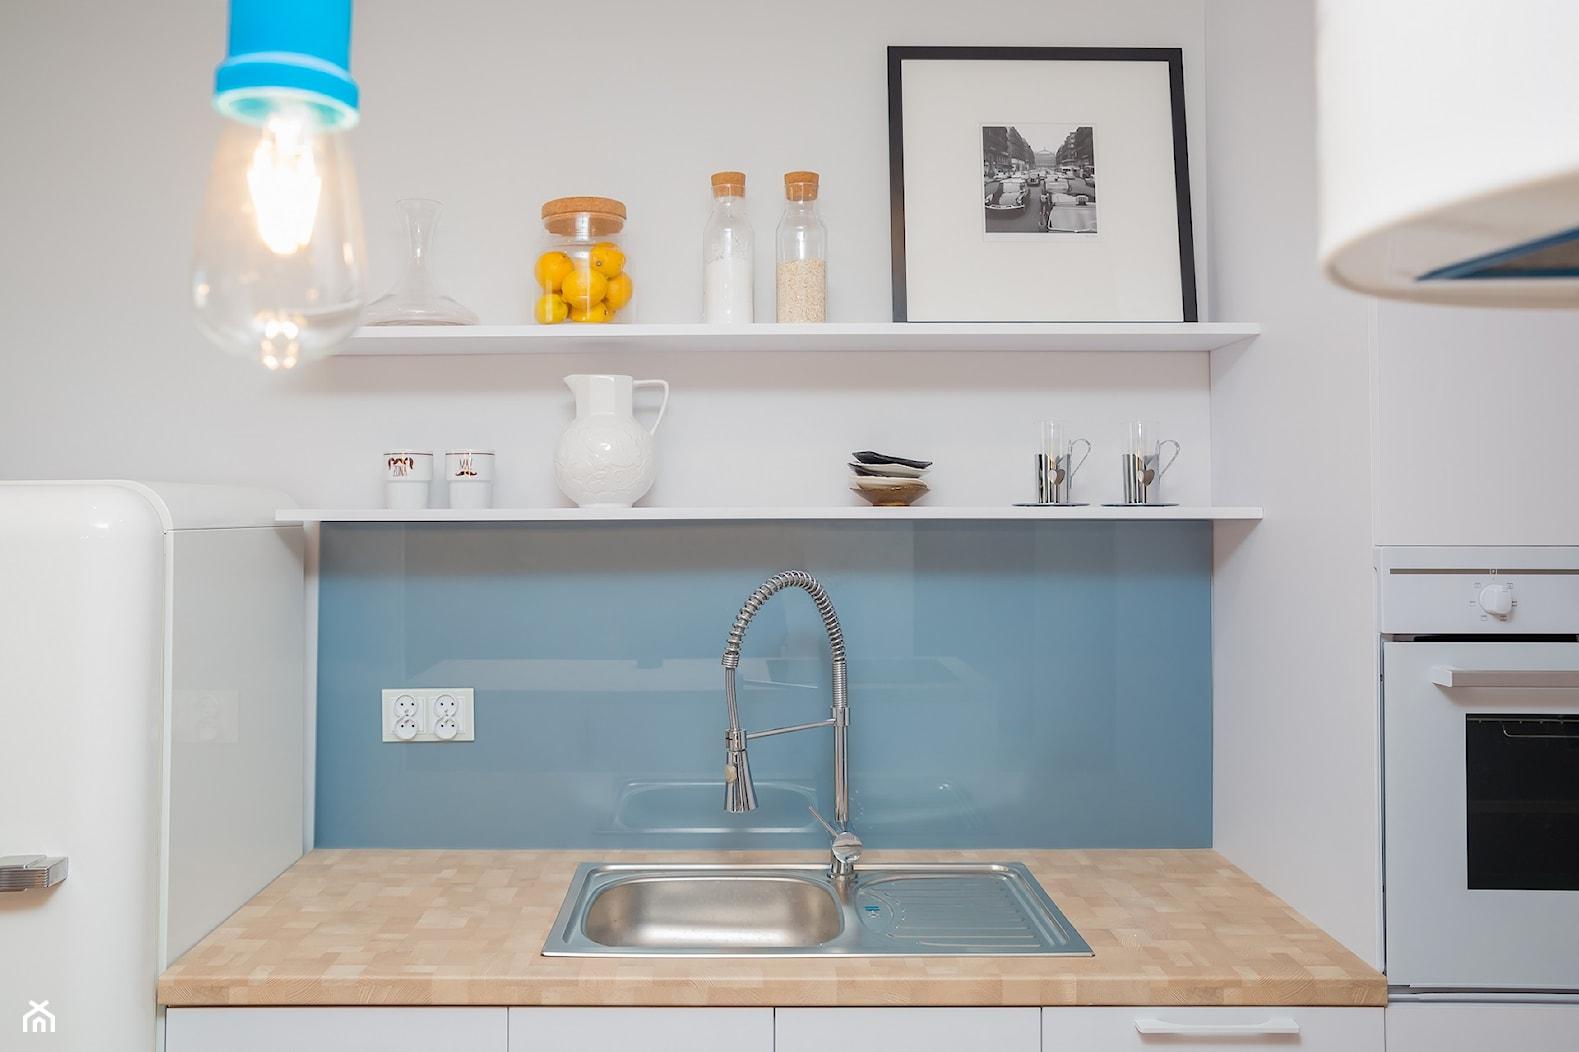 46m2 mieszkanie w bloku - Mała otwarta biała niebieska kuchnia jednorzędowa w aneksie, styl skandynawski - zdjęcie od Grant Studio - Homebook